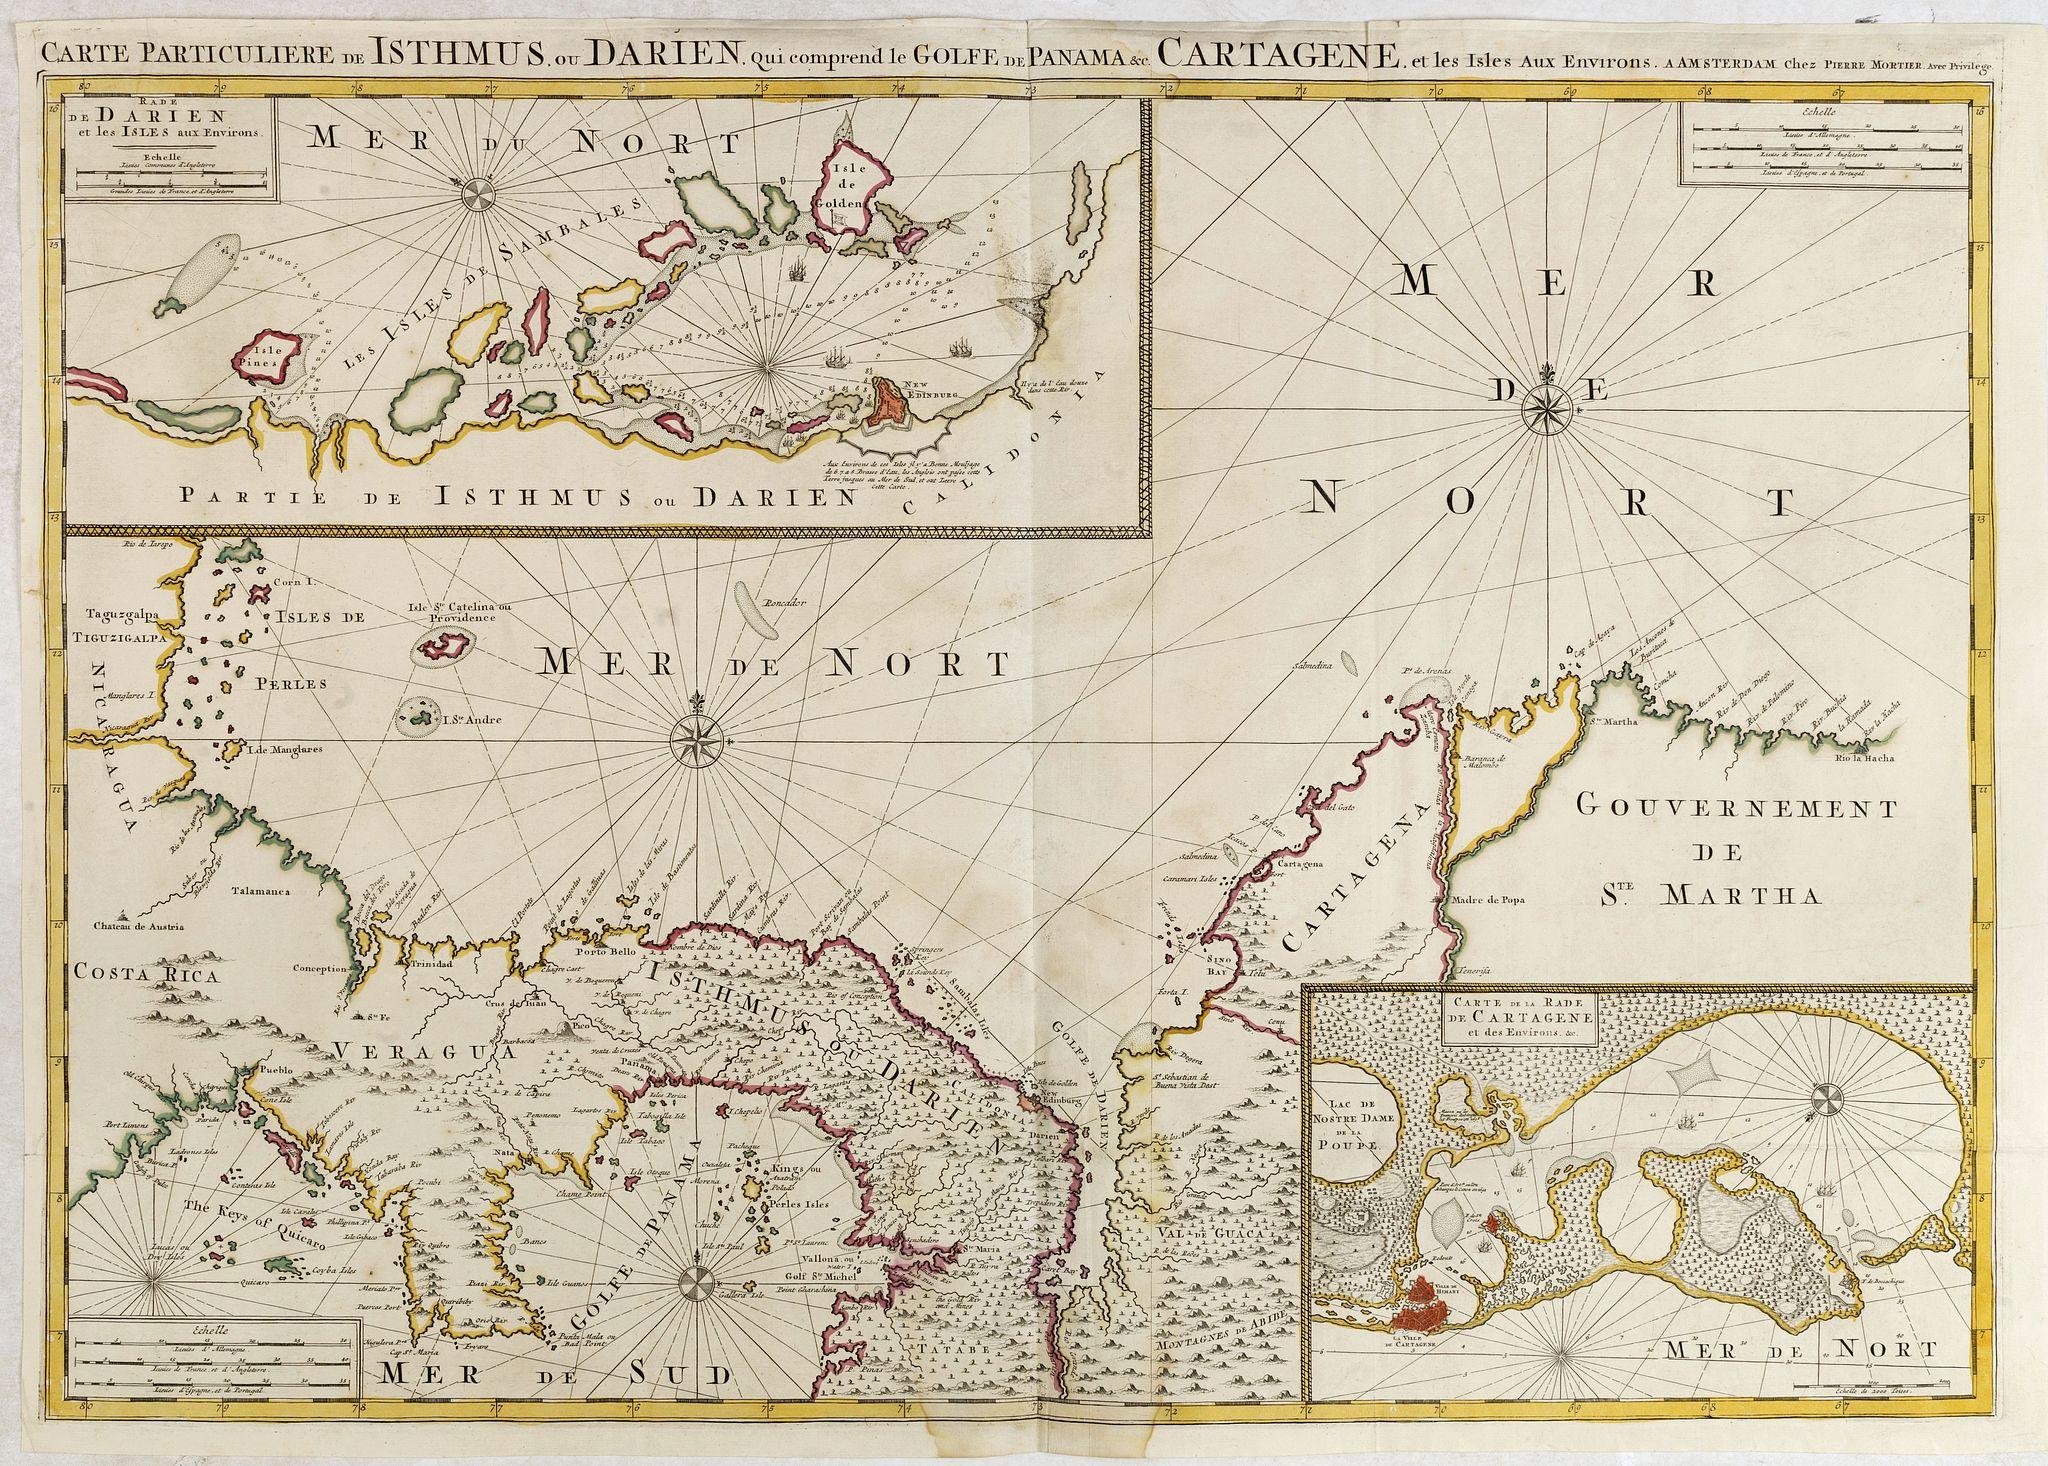 MORTIER, P. -  Carte Particuliere de Isthmus ou Darien qui Comprend le Golfe de Panama &c. Cartagena, et les Isles aux Environs.